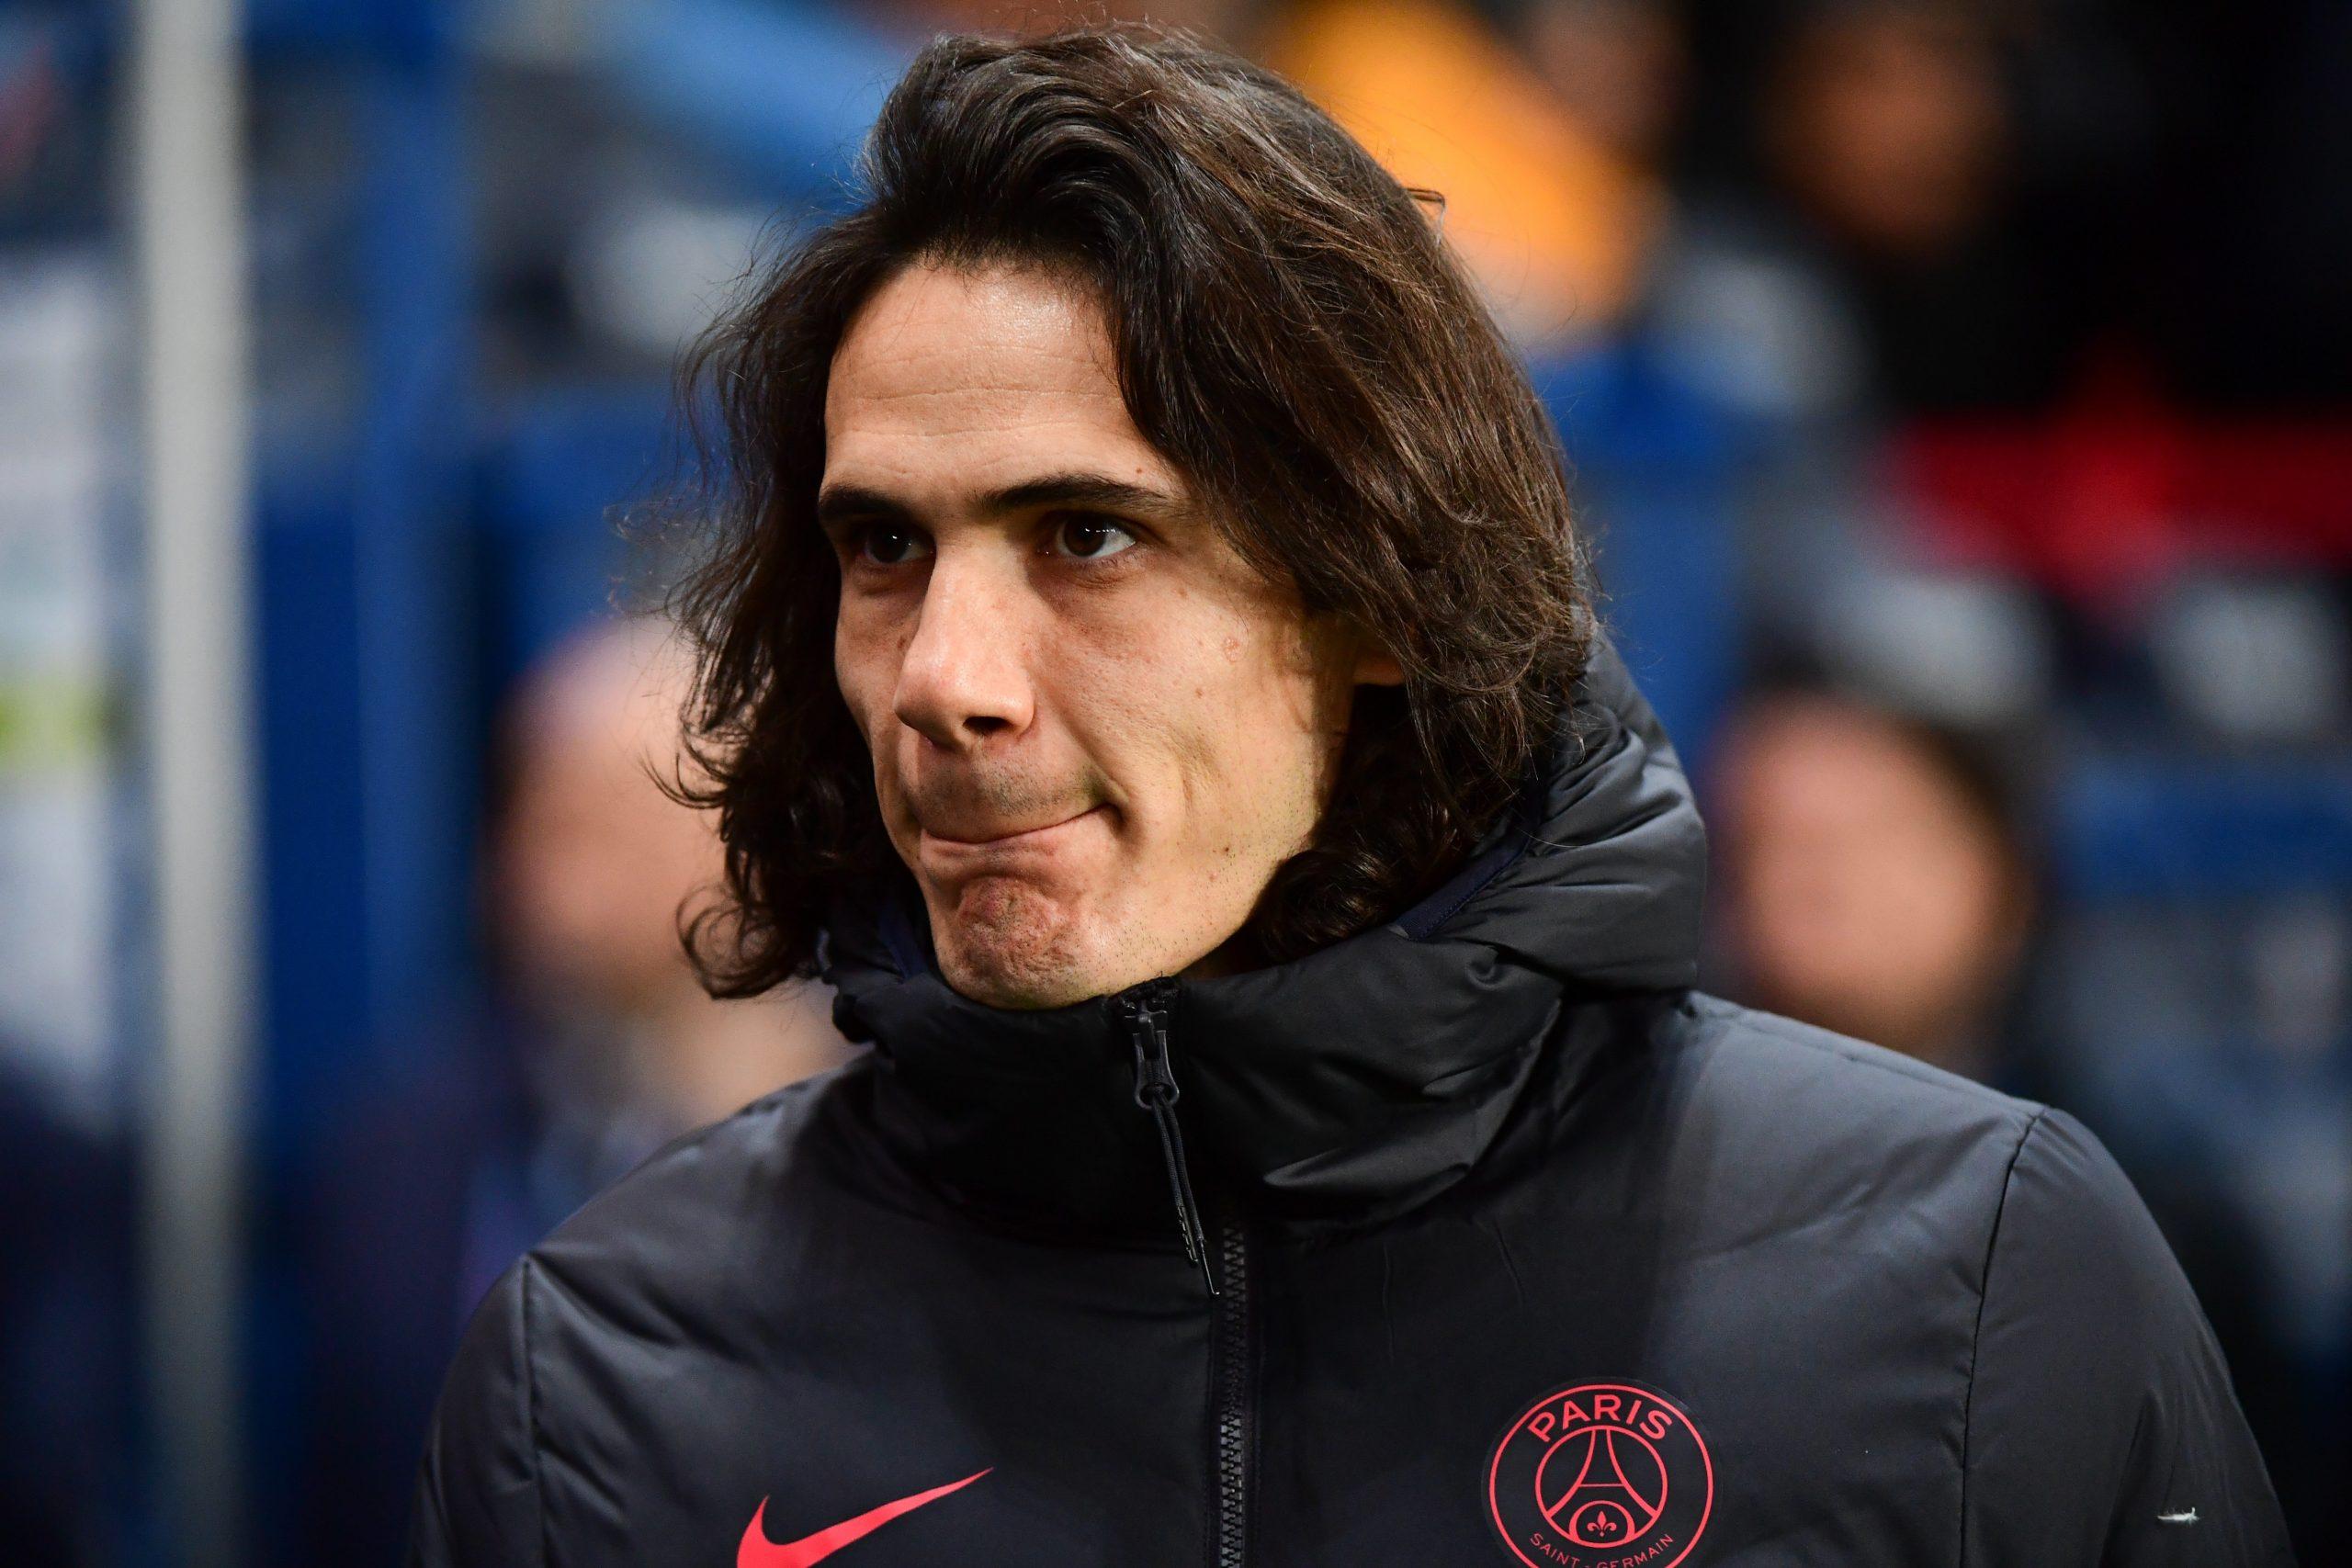 Mercato - Cavani n'ira pas en MLS, où son salaire est considéré comme trop cher explique Le Parisien